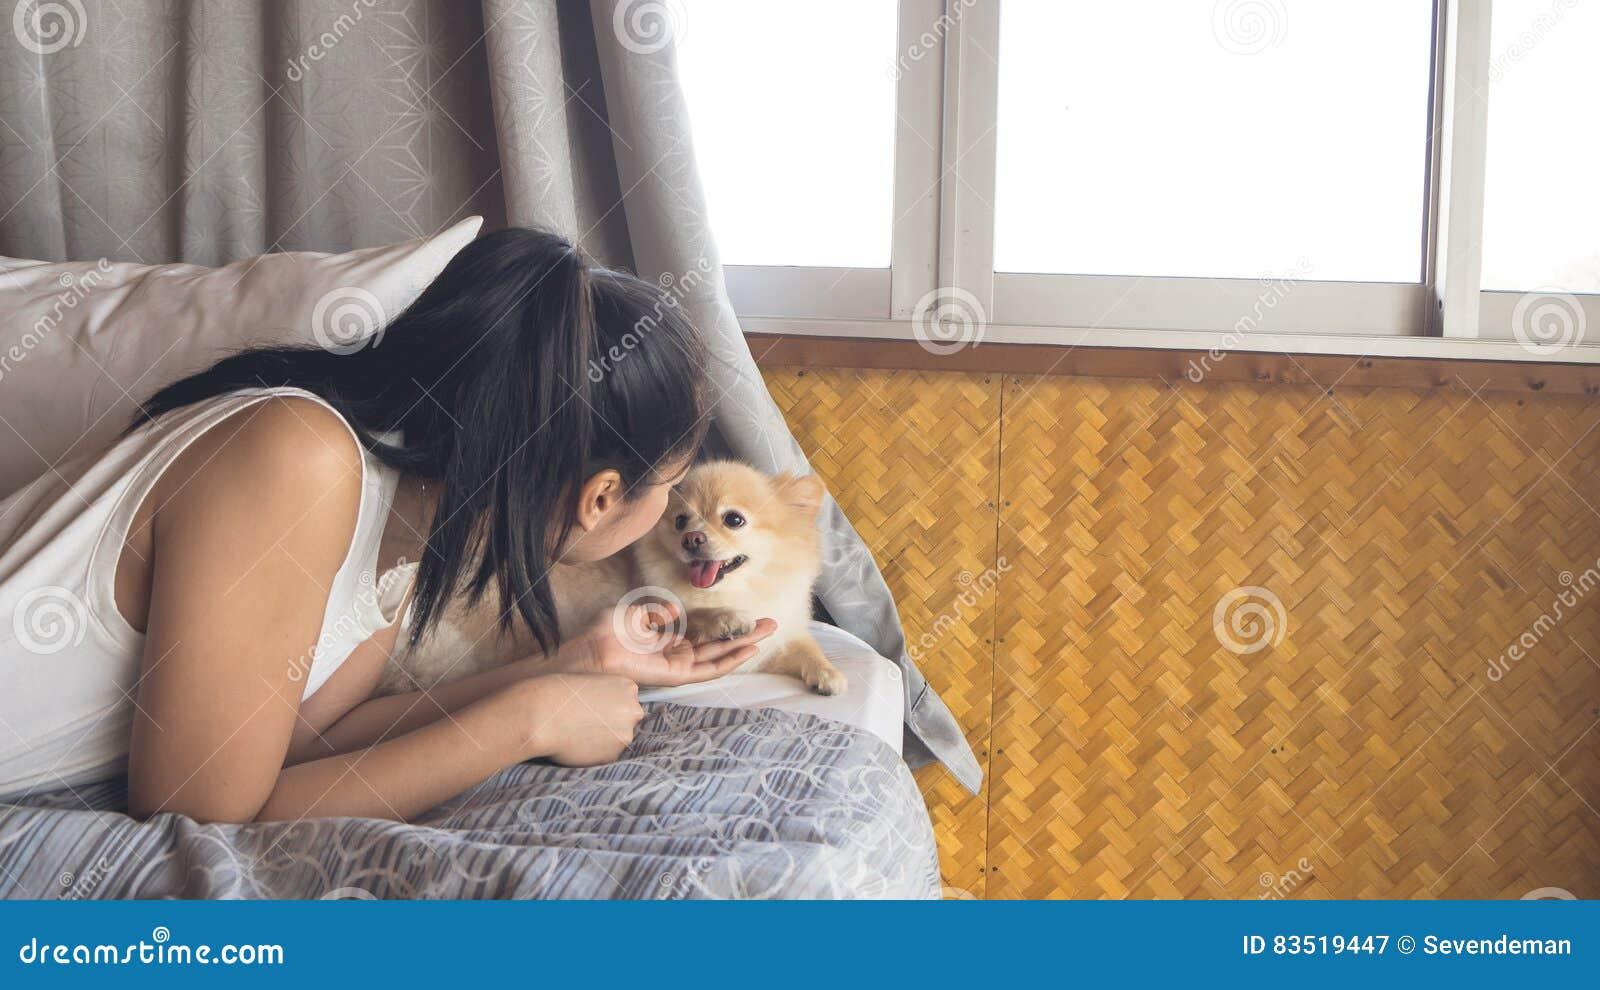 Frau Entspannen Sich Mit Hund Im Schlafzimmer Stockbild ...